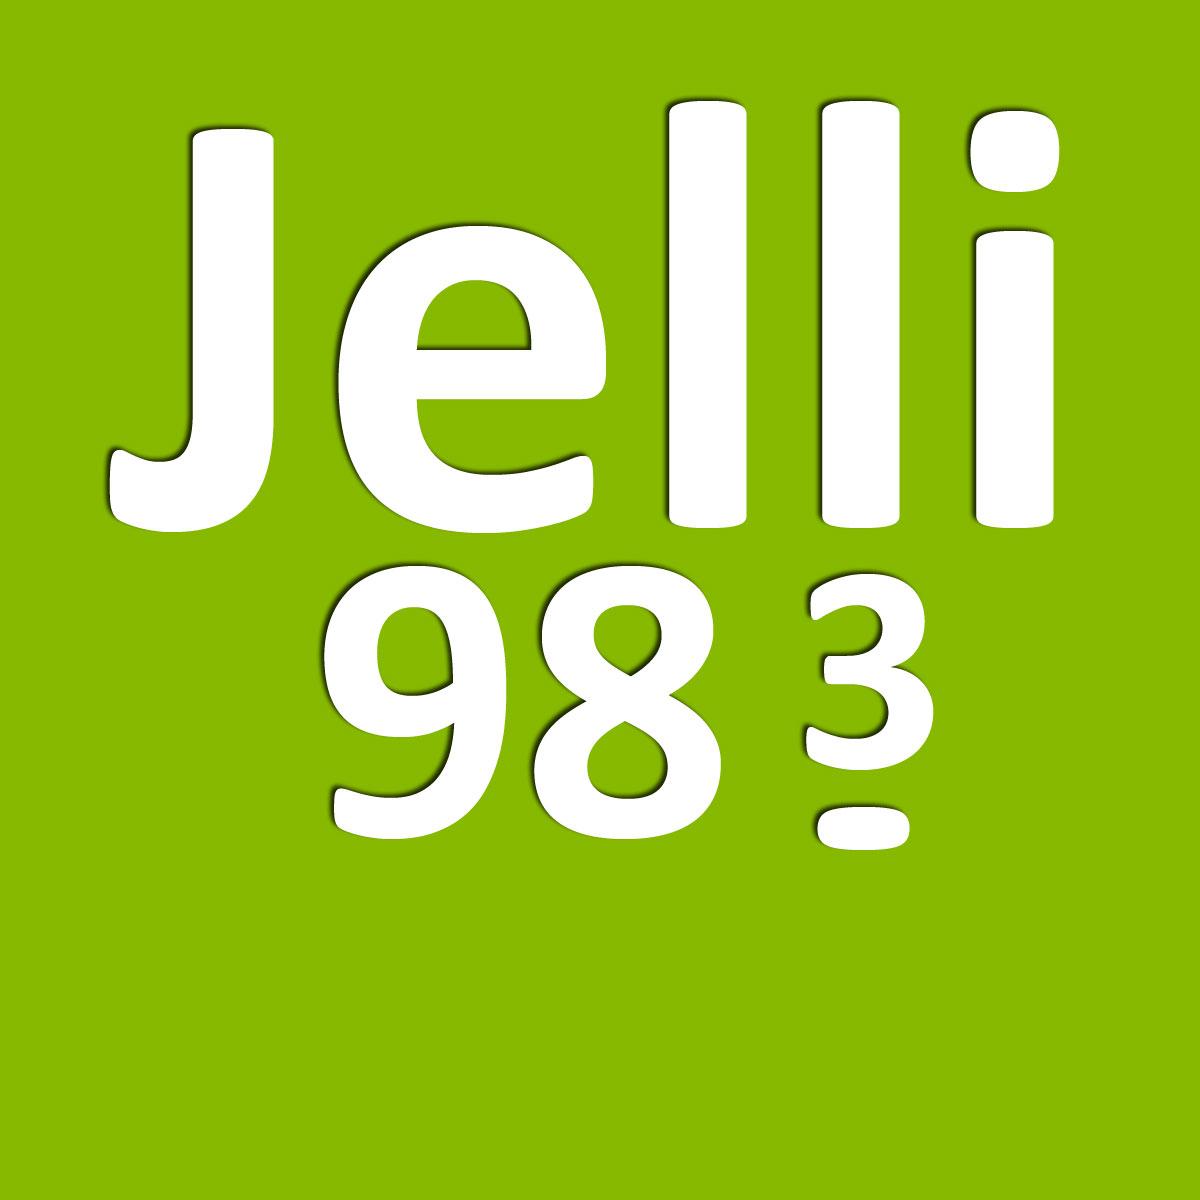 Jelli983